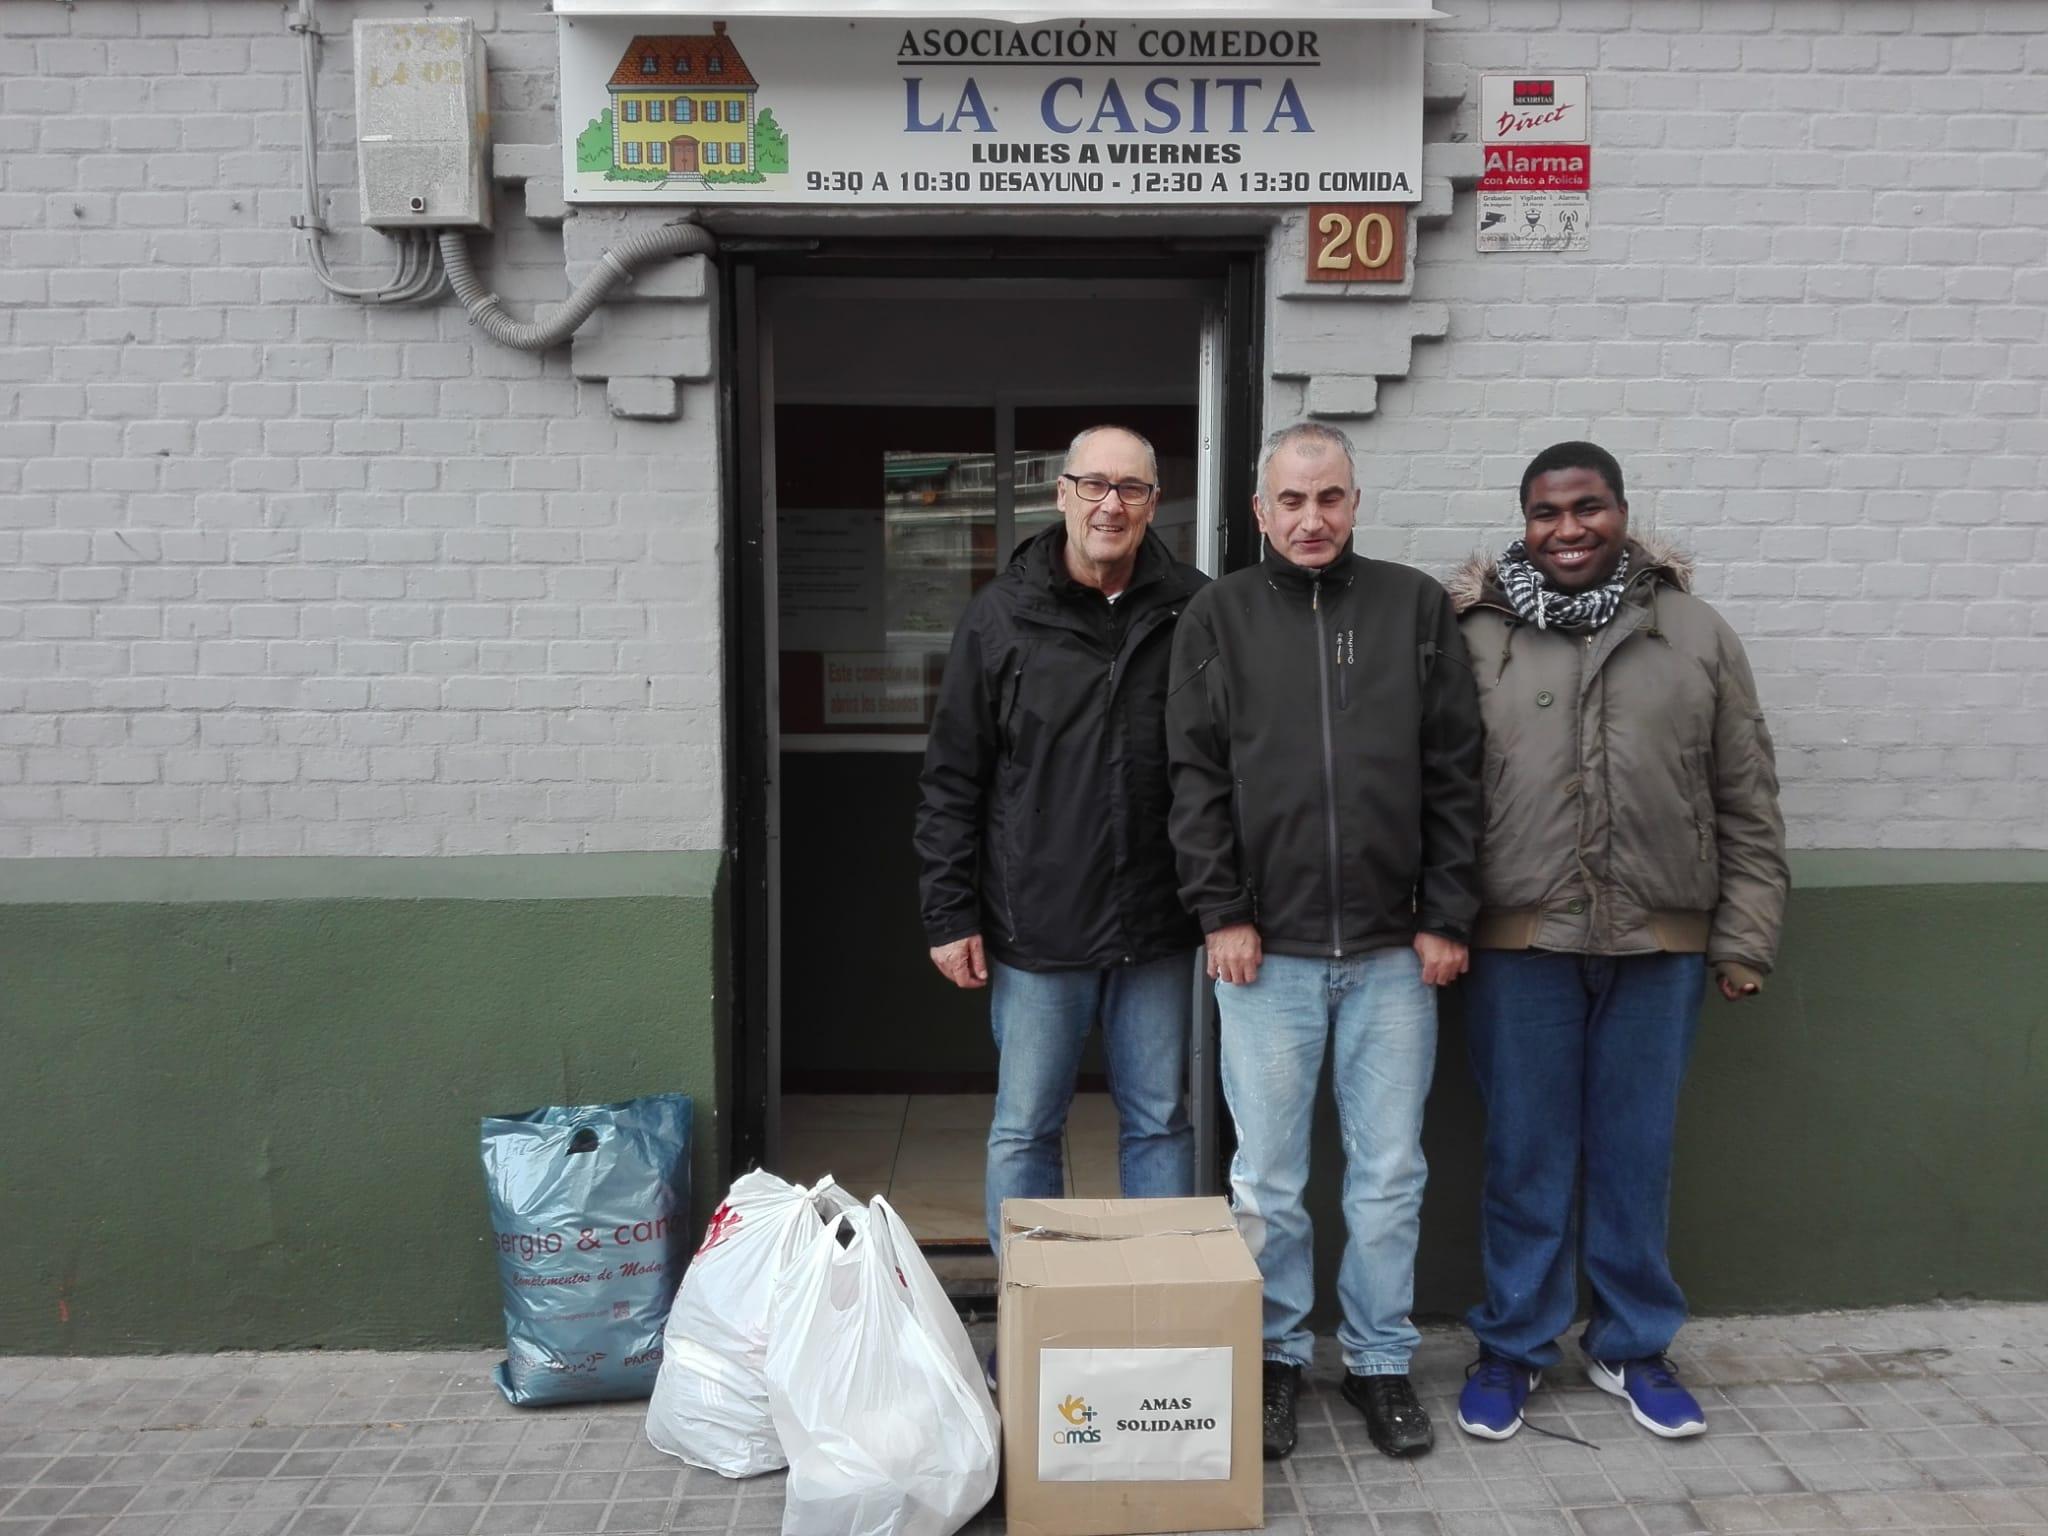 Entrega de alimentos en Asociación La Casita de Fuenlabrada. Foto: Grupo AMÁS